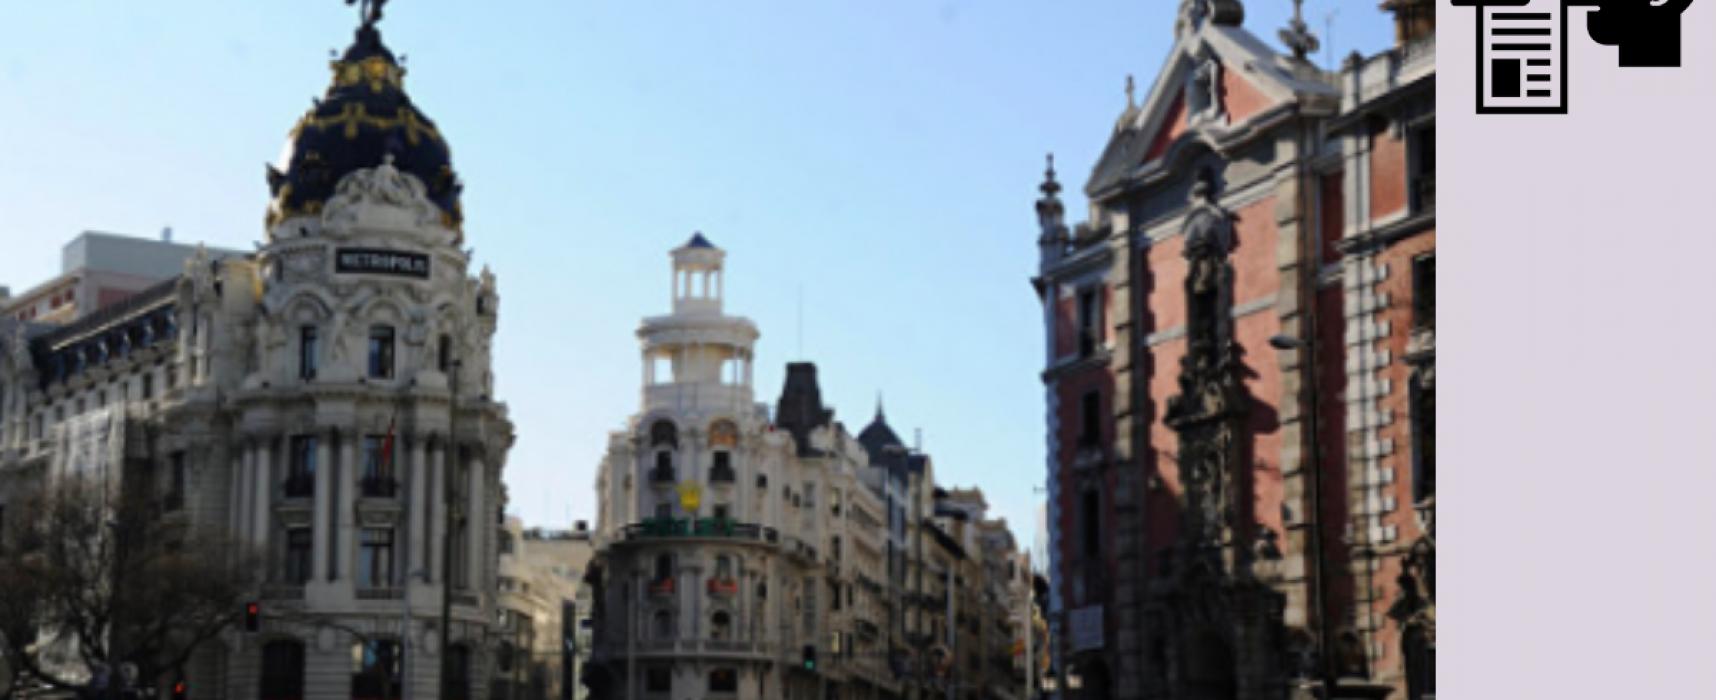 Манипуляция: Глава украинской избирательной комиссии в Мадриде напал на журналистов